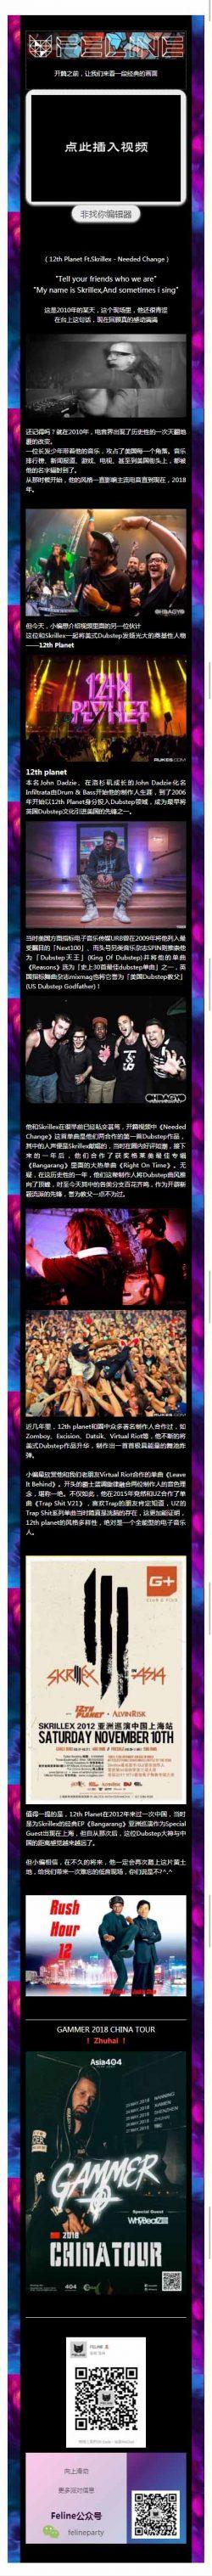 微信KTV酒吧音乐排行榜黑色动图背景图文消息模板